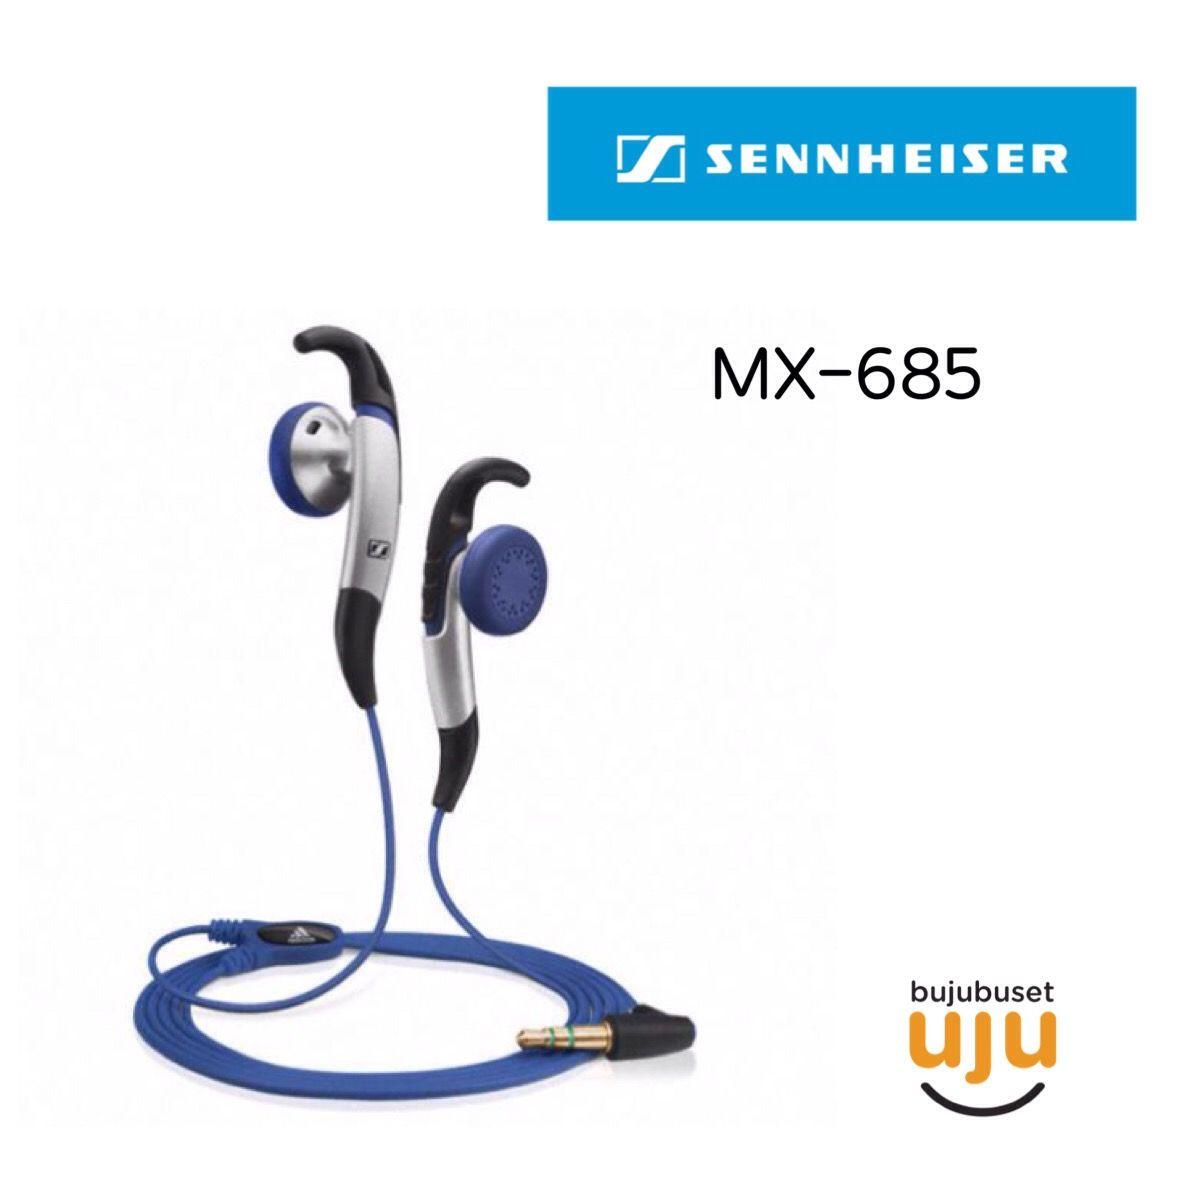 MX 685 Sports IDR 730.000